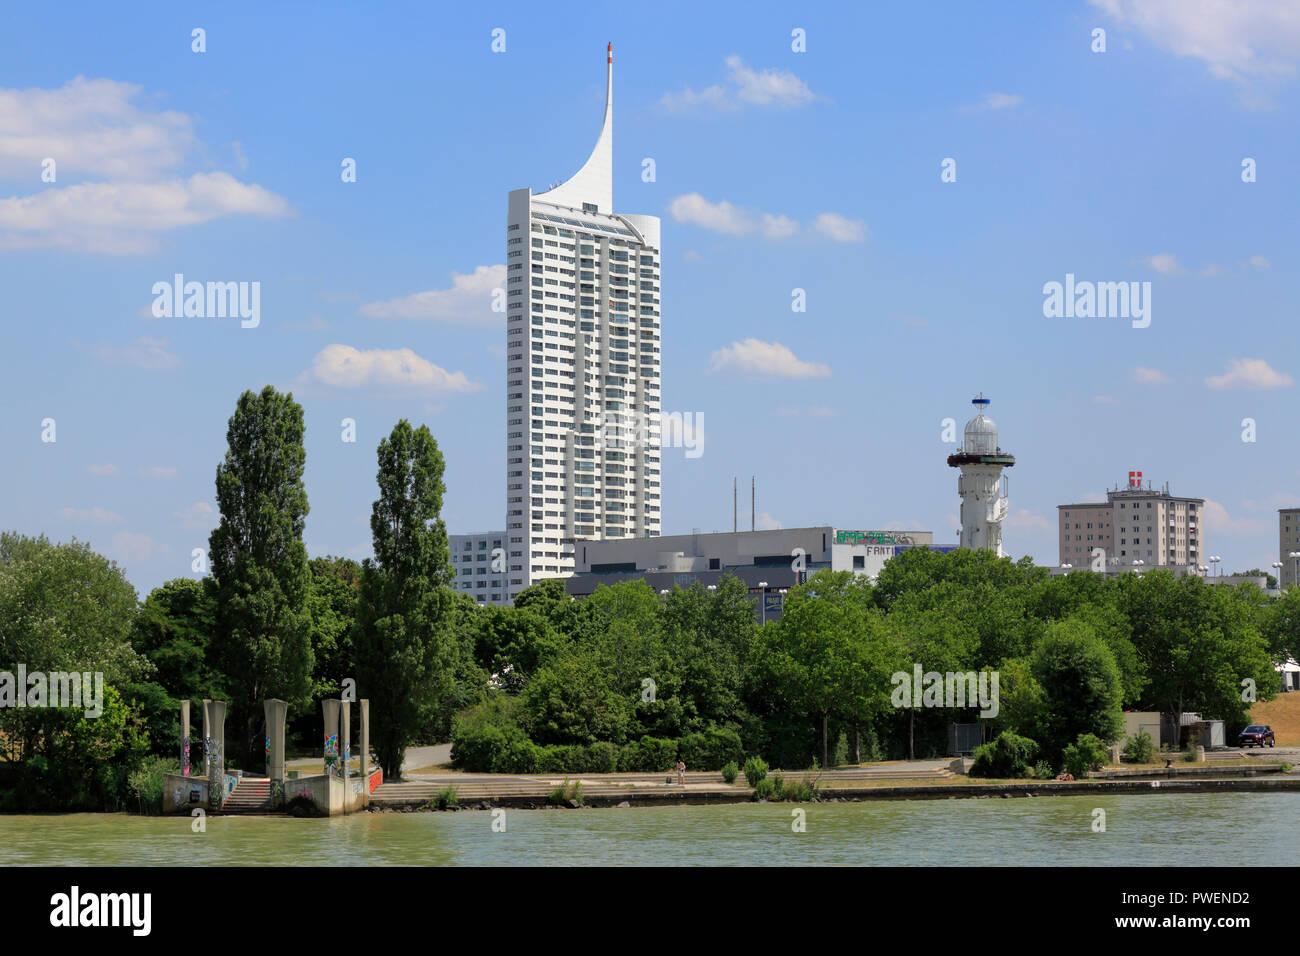 Österreich, A-Wien, Donau, Hauptstadt, Donau City, Neue Donau Hochhaus, Wohnturm, Flusslandschaft, Donau Landschaft, Donau Promenade, Donauufer, cumulus Wolken Stockbild